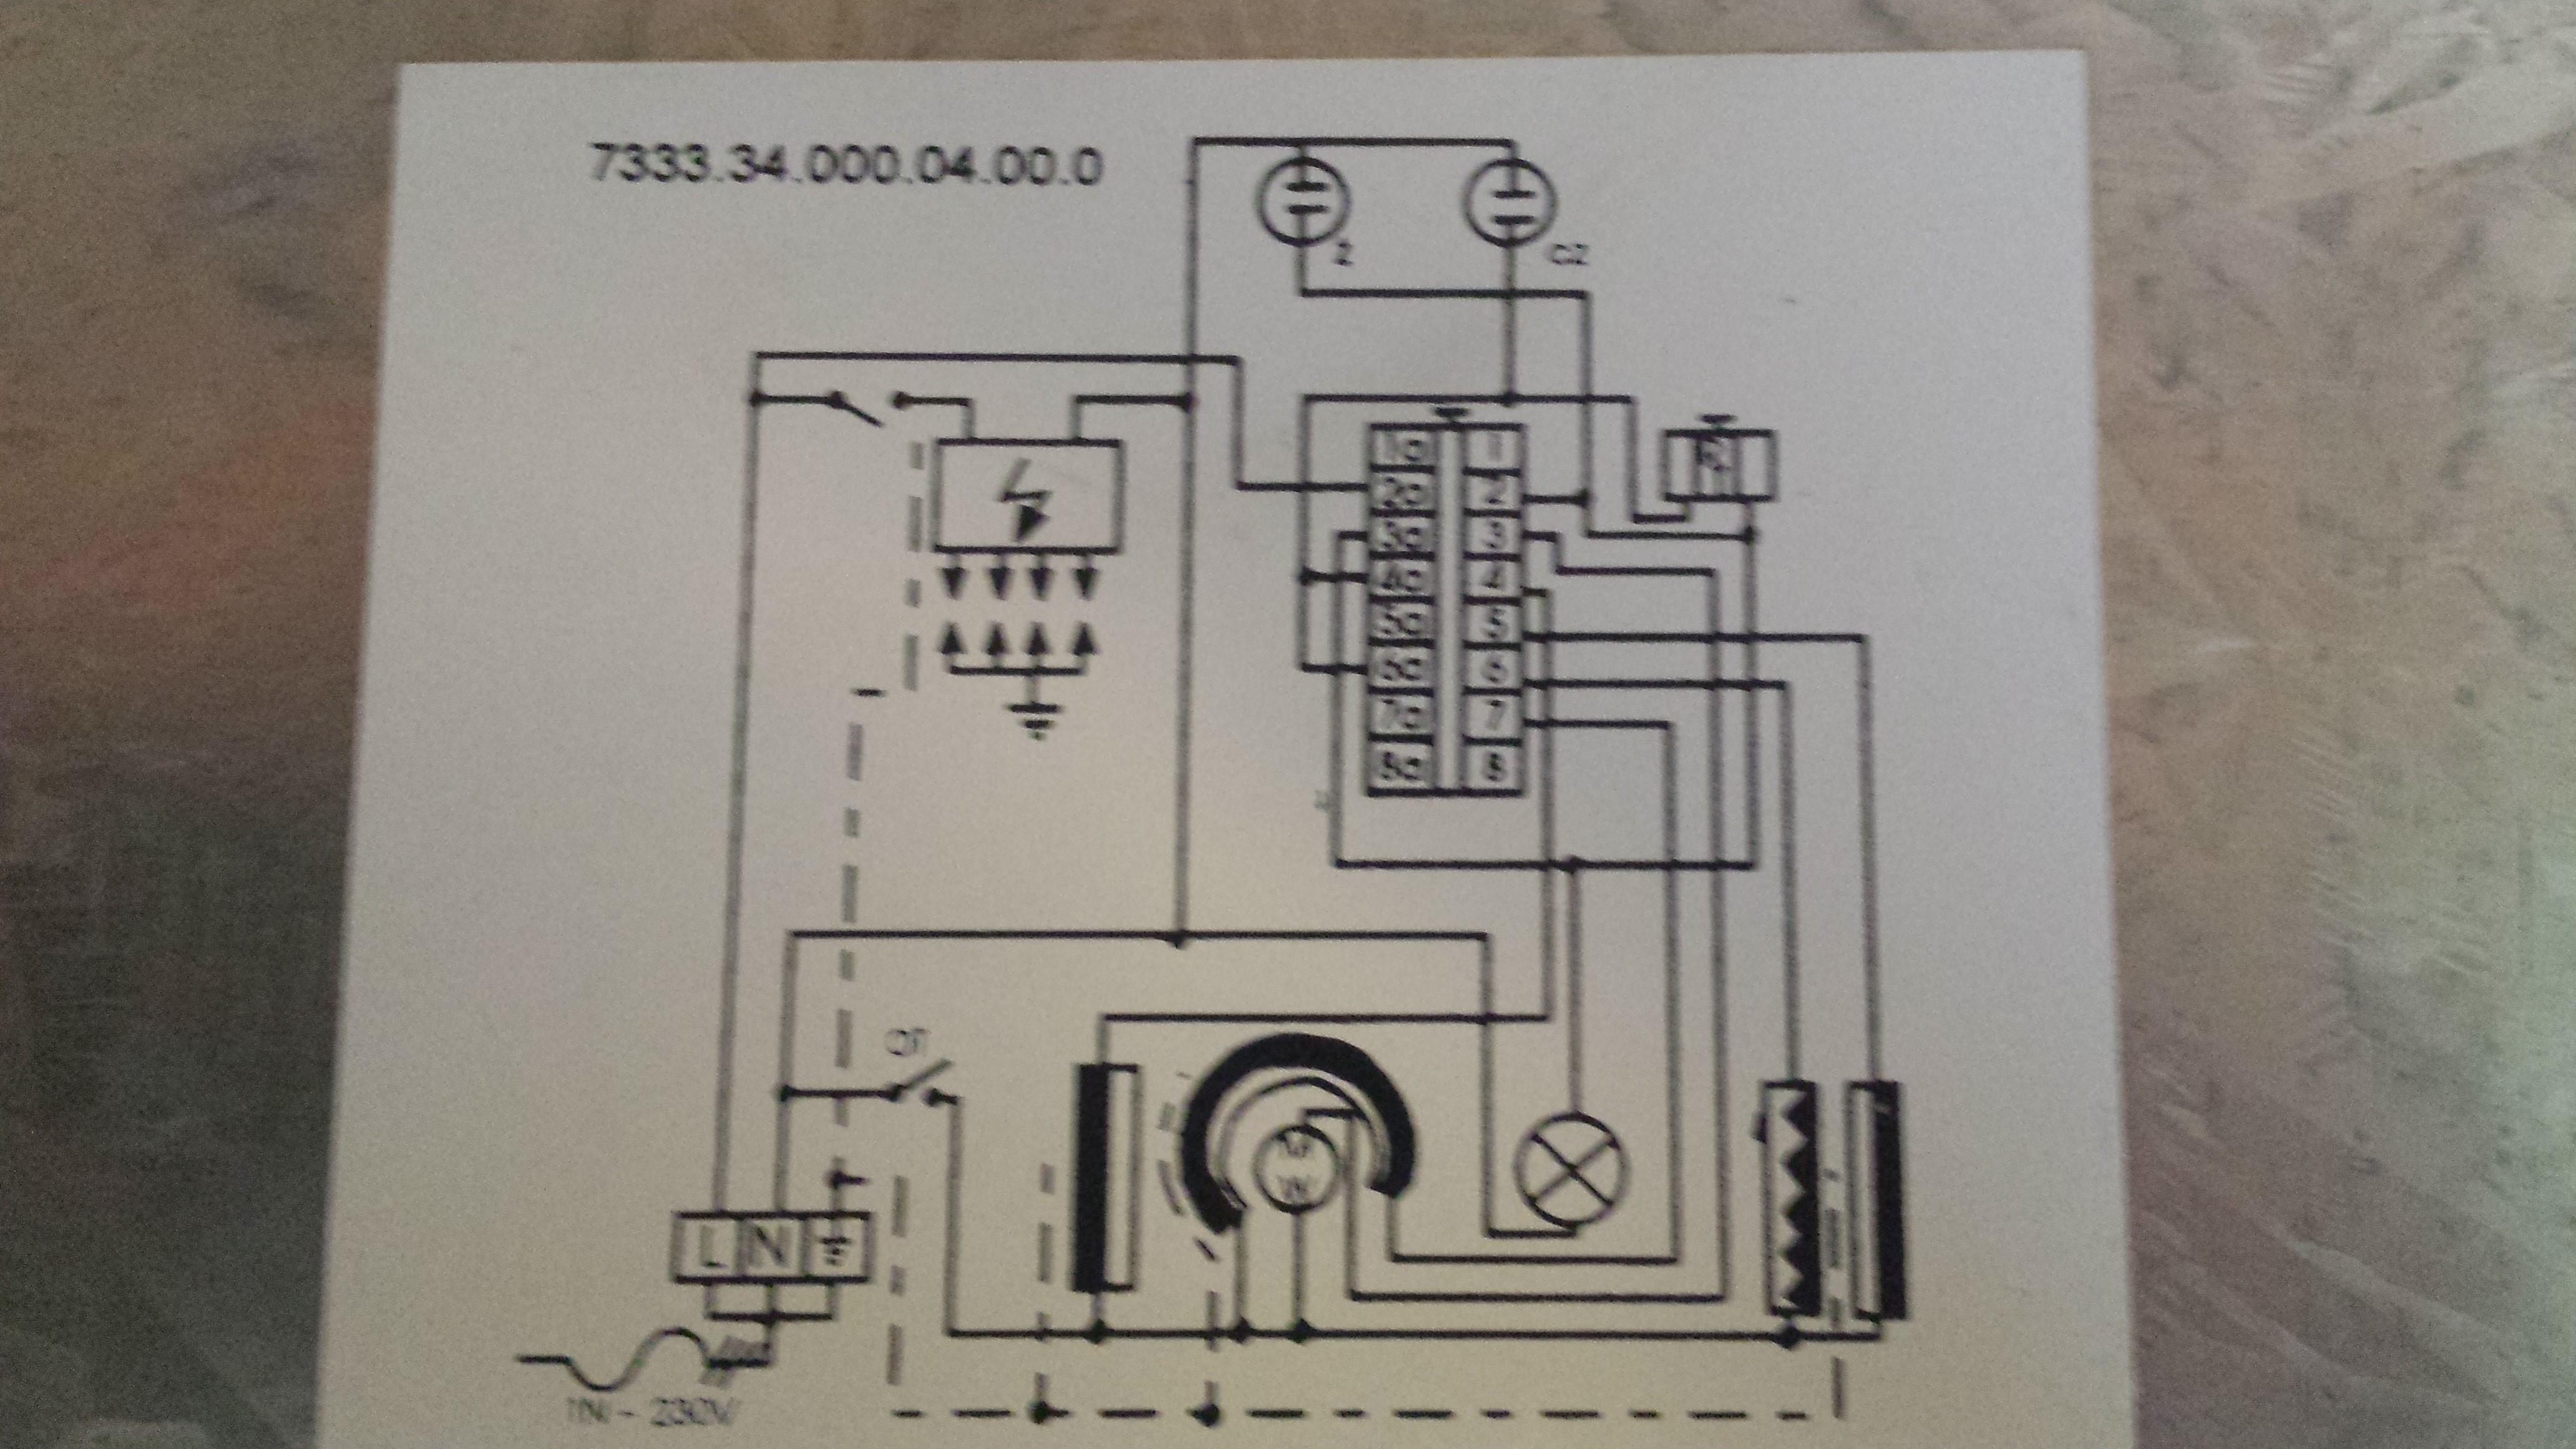 Schemat elektryczny kuchenki gazowo elektrycznej Mastercook 8703 -> Kuchnia Gazowo Elektryczna Mastercook Elegance